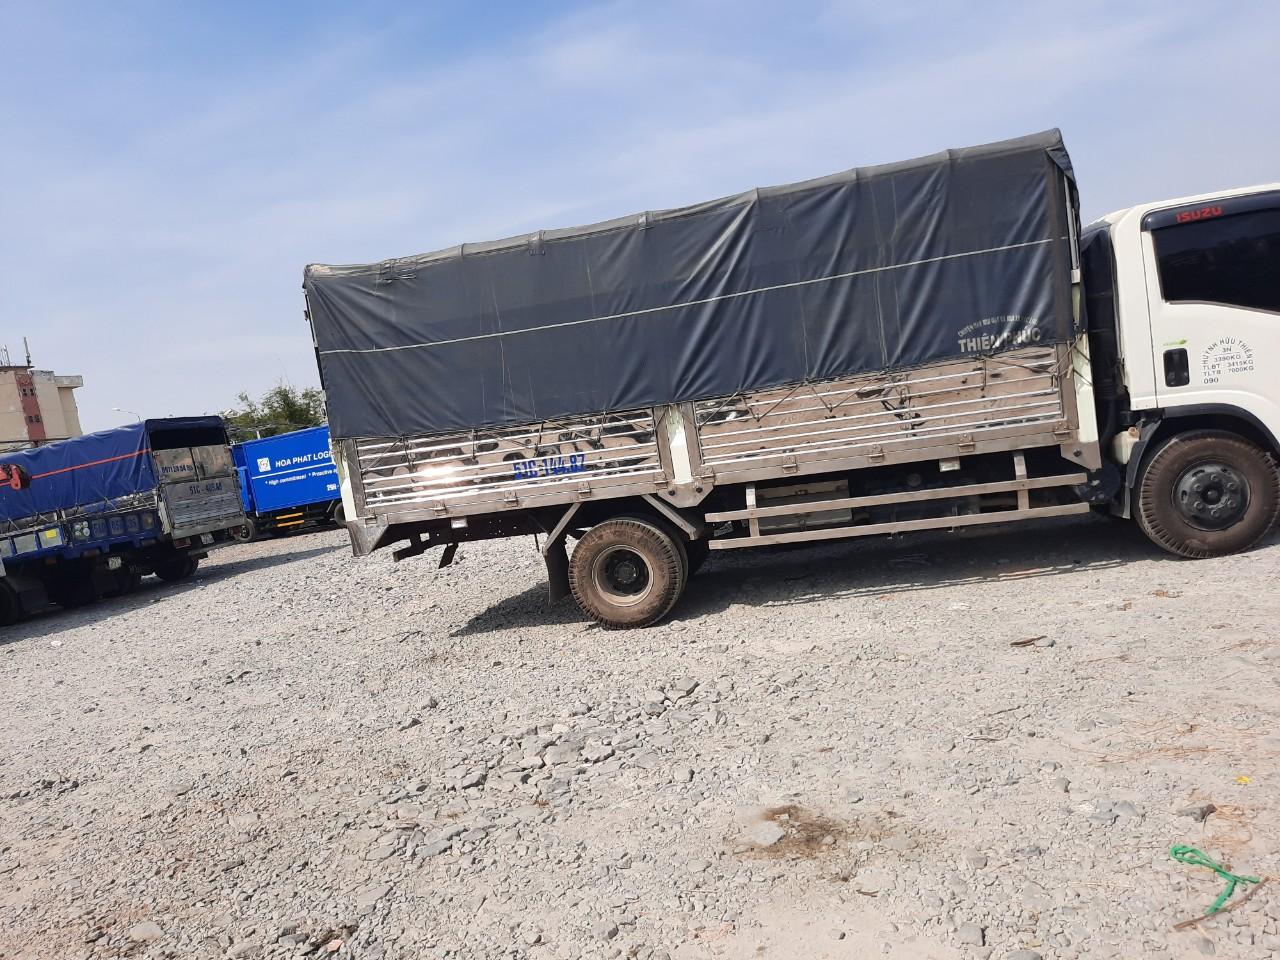 Dịch vụ cho thuê xe tải chở hàng tại TPHCM uy tín, chuyên ghiệp - giá rẻ và an toàn